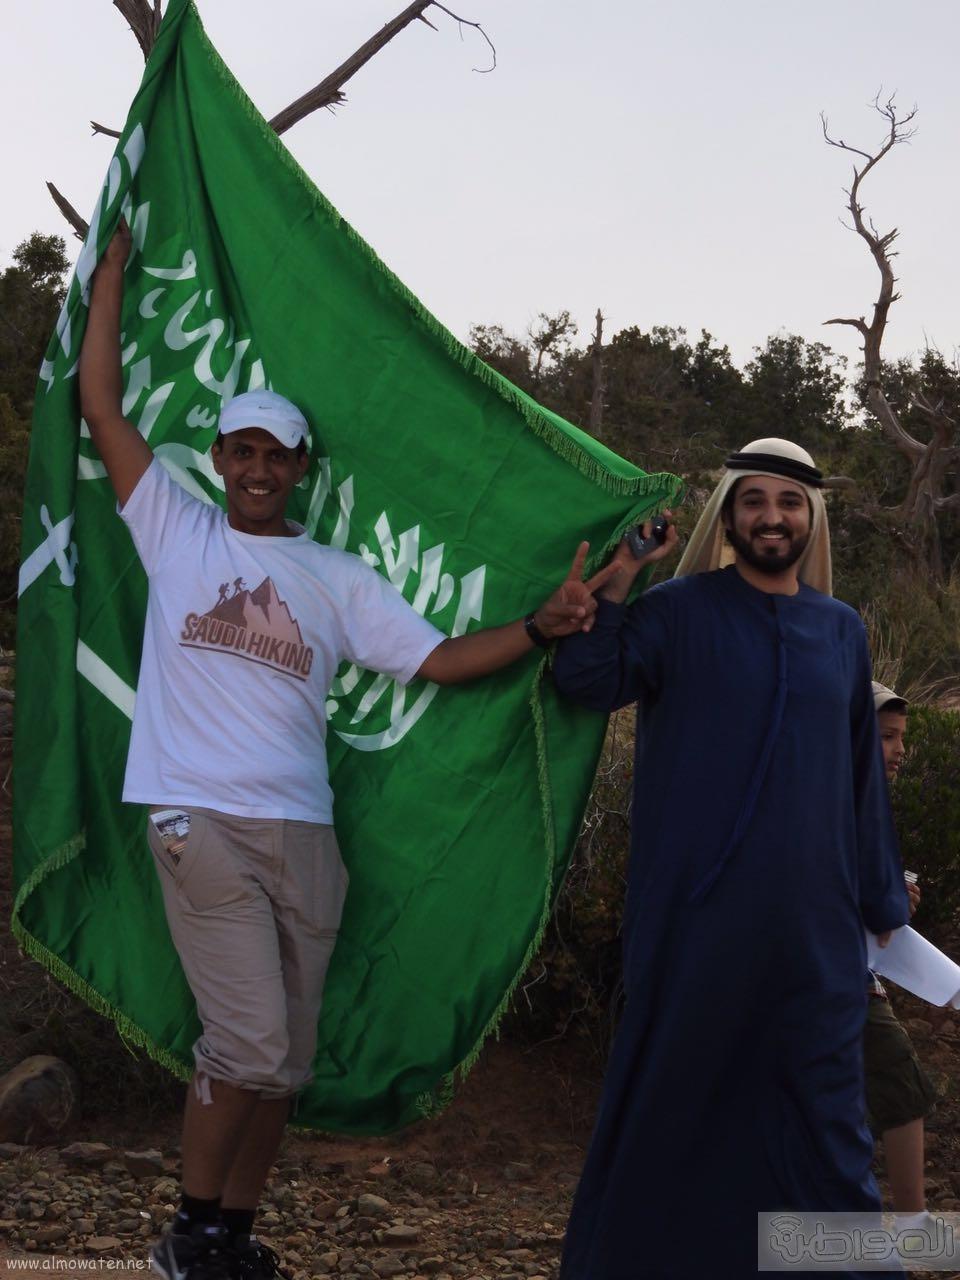 رفع علم السعودية في اعلى قمةعن طريق فريق هايكنج السعودية (10)